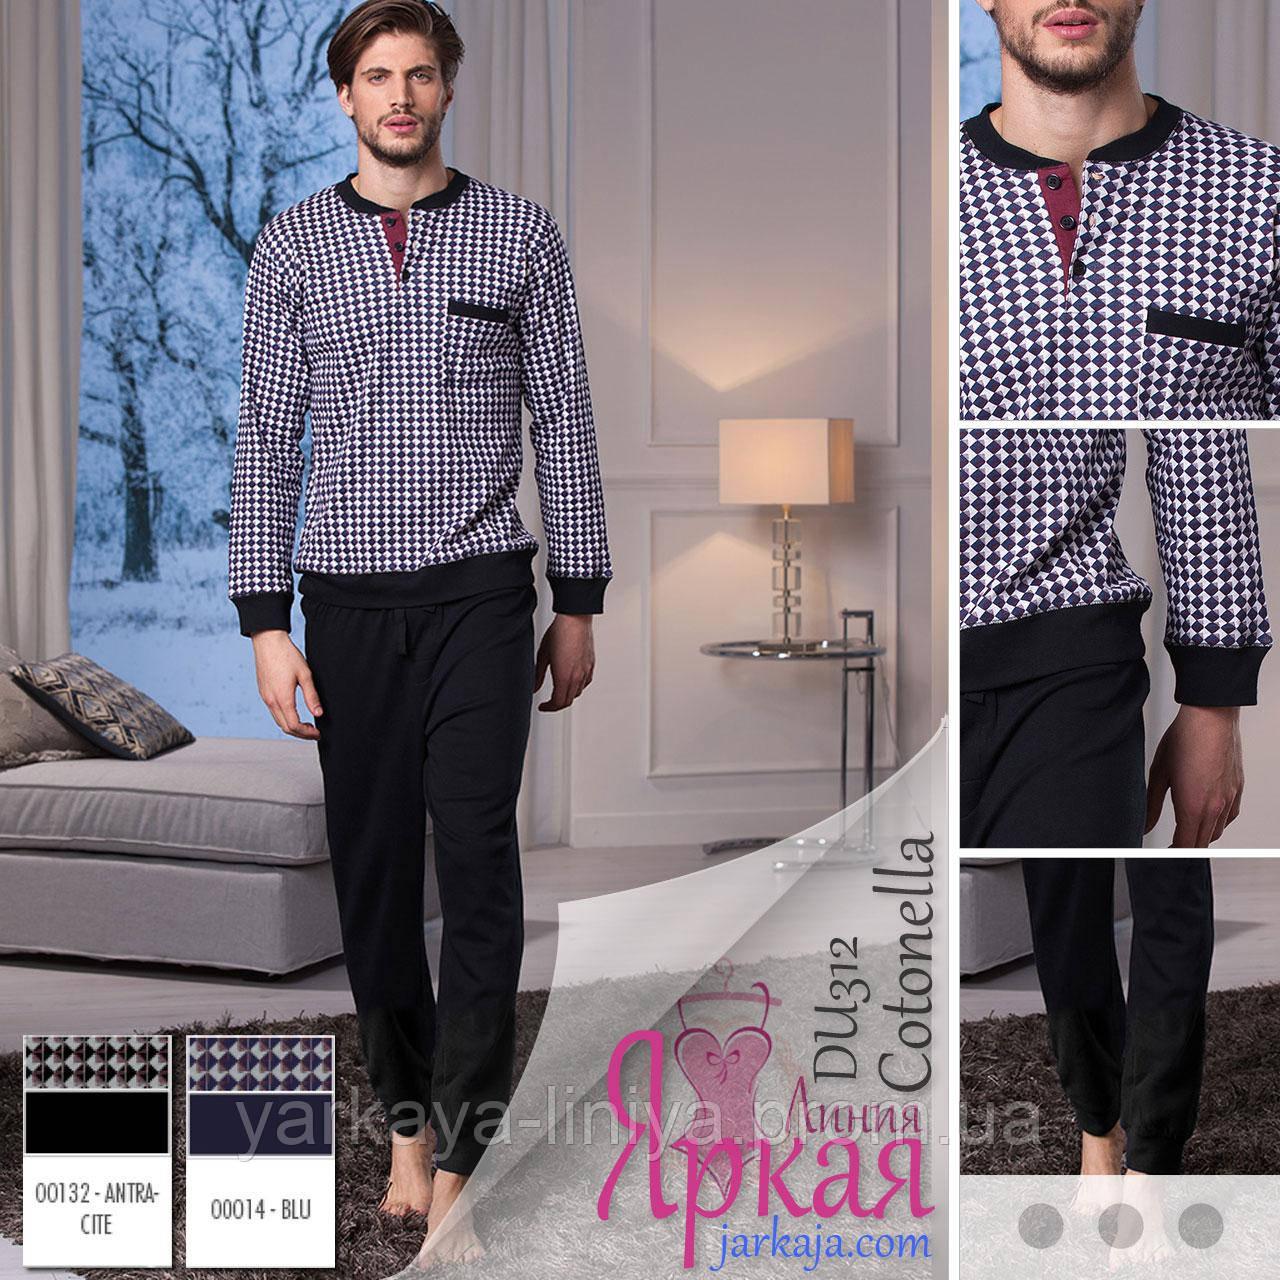 Пижама мужская хлопок. Домашняя одежда для мужчин Cotonella™ - Товары и  услуги для життя 6e7e376901fac